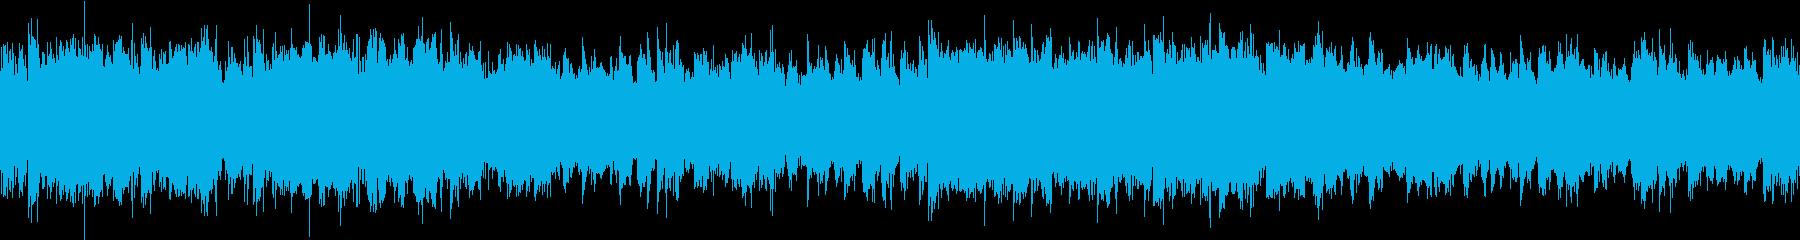 にぎやかで楽しげな雰囲気のケルト音楽の再生済みの波形